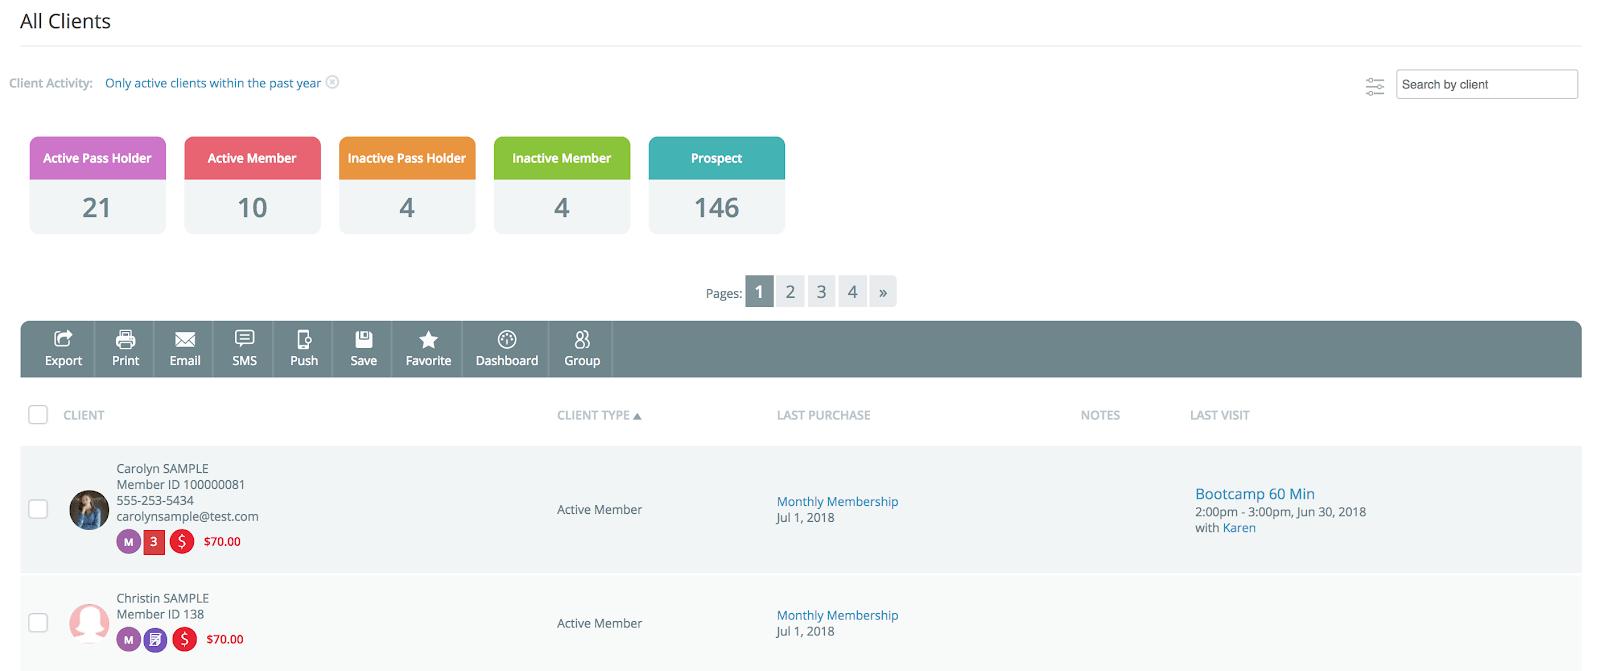 WellnessLiving Review Client List Dashboard